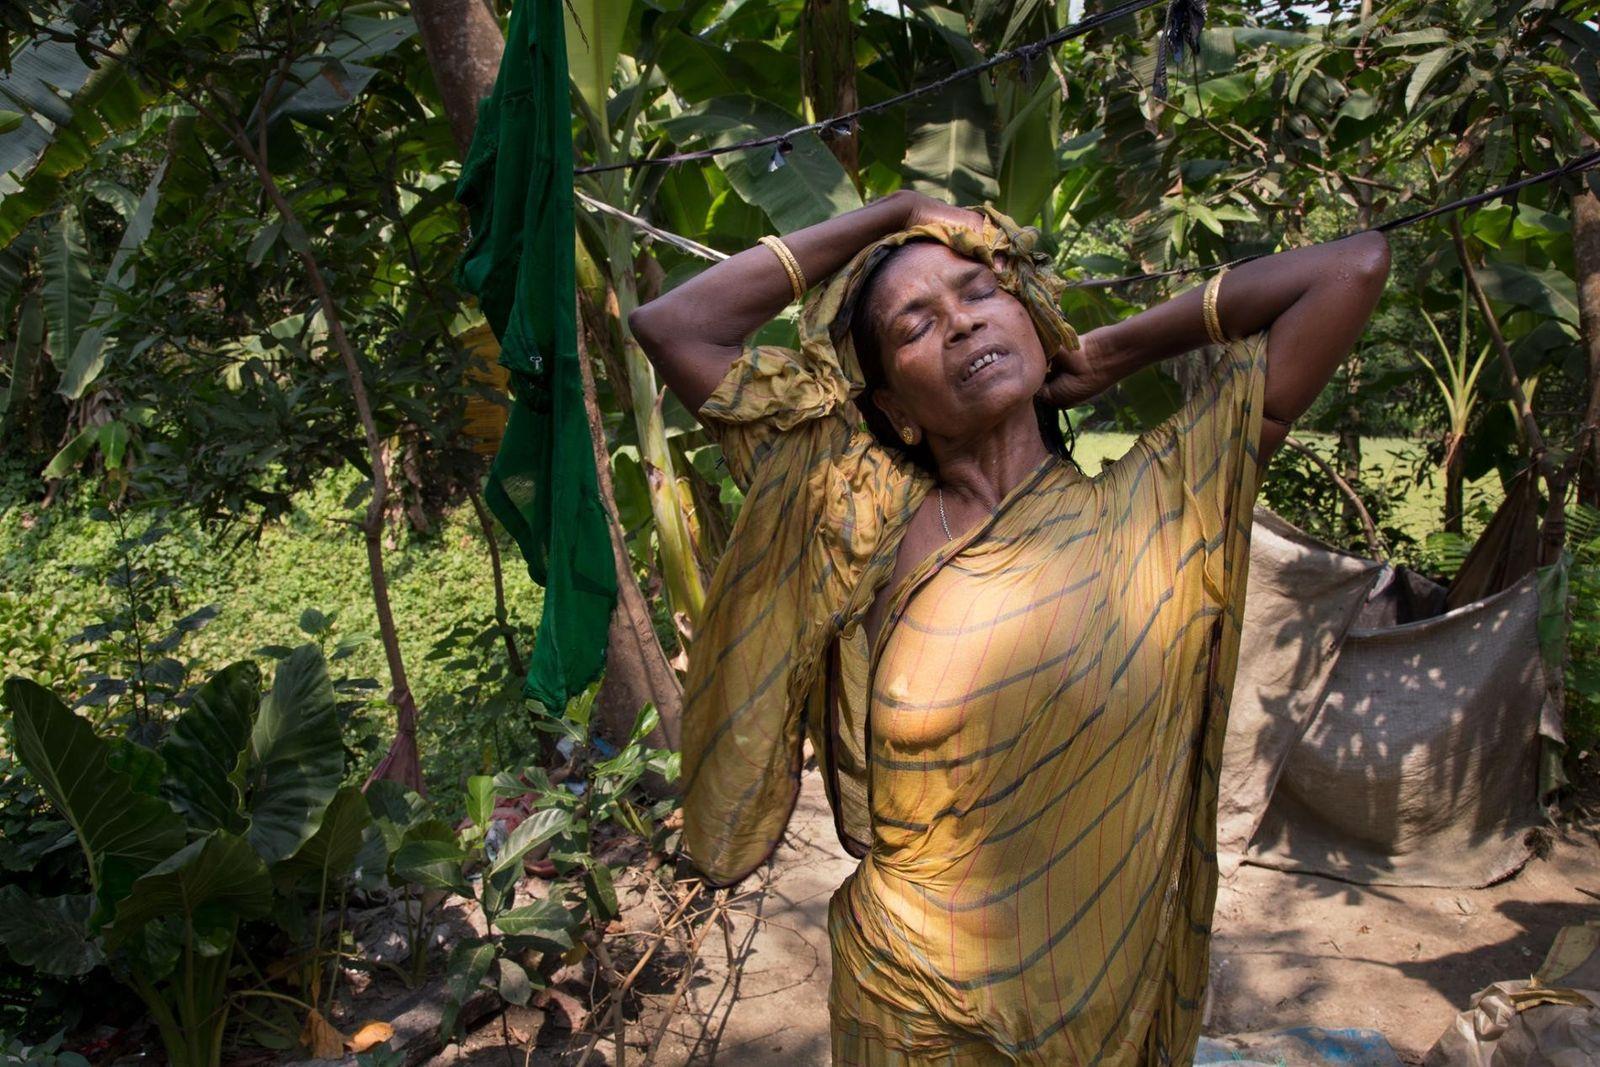 INDE - Bisakha a été mariée à 13 ans, et était veuve à 27 ans. Elle ...